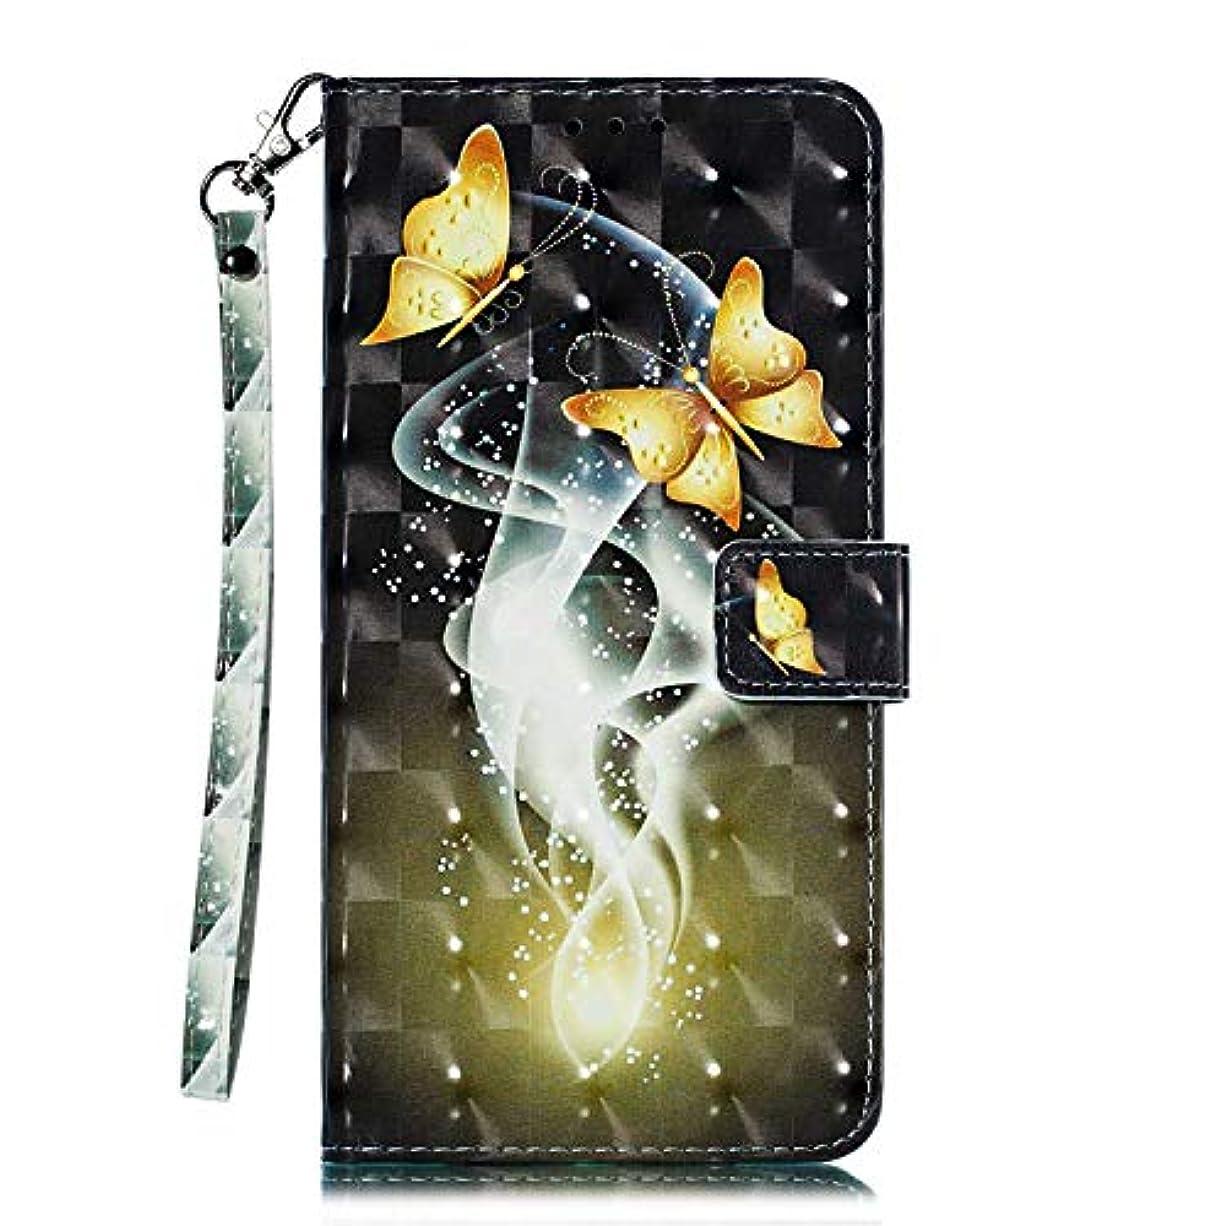 破滅人差し指徒歩でOMATENTI Galaxy A10 ケース, トレンディでクール 人気 新製品 薄型 PU レザー 財布型 ケース, 3Dカラーパターン おしゃれ 手帳カバー き スタンド機能 マグネット開閉式 カード収納付 Galaxy A10 用 Case Cover, バタフライ